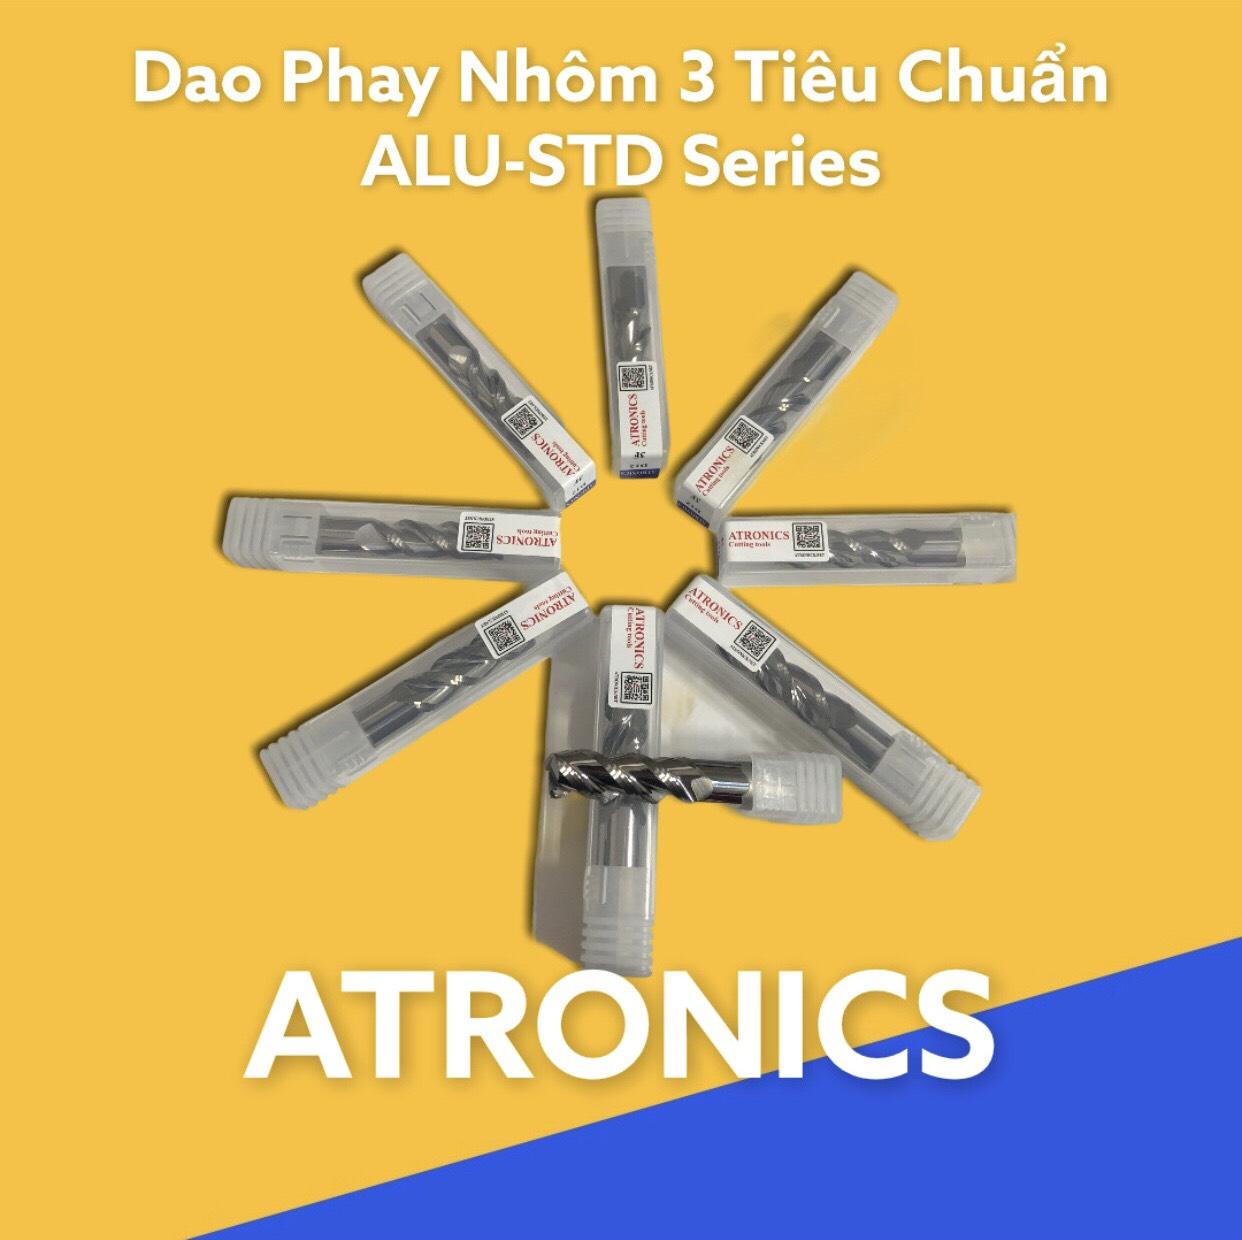 DAO PHAY NGÓN ATRONICS(Phay Nhôm không phủ, phủ DLC, Dao phá thô)